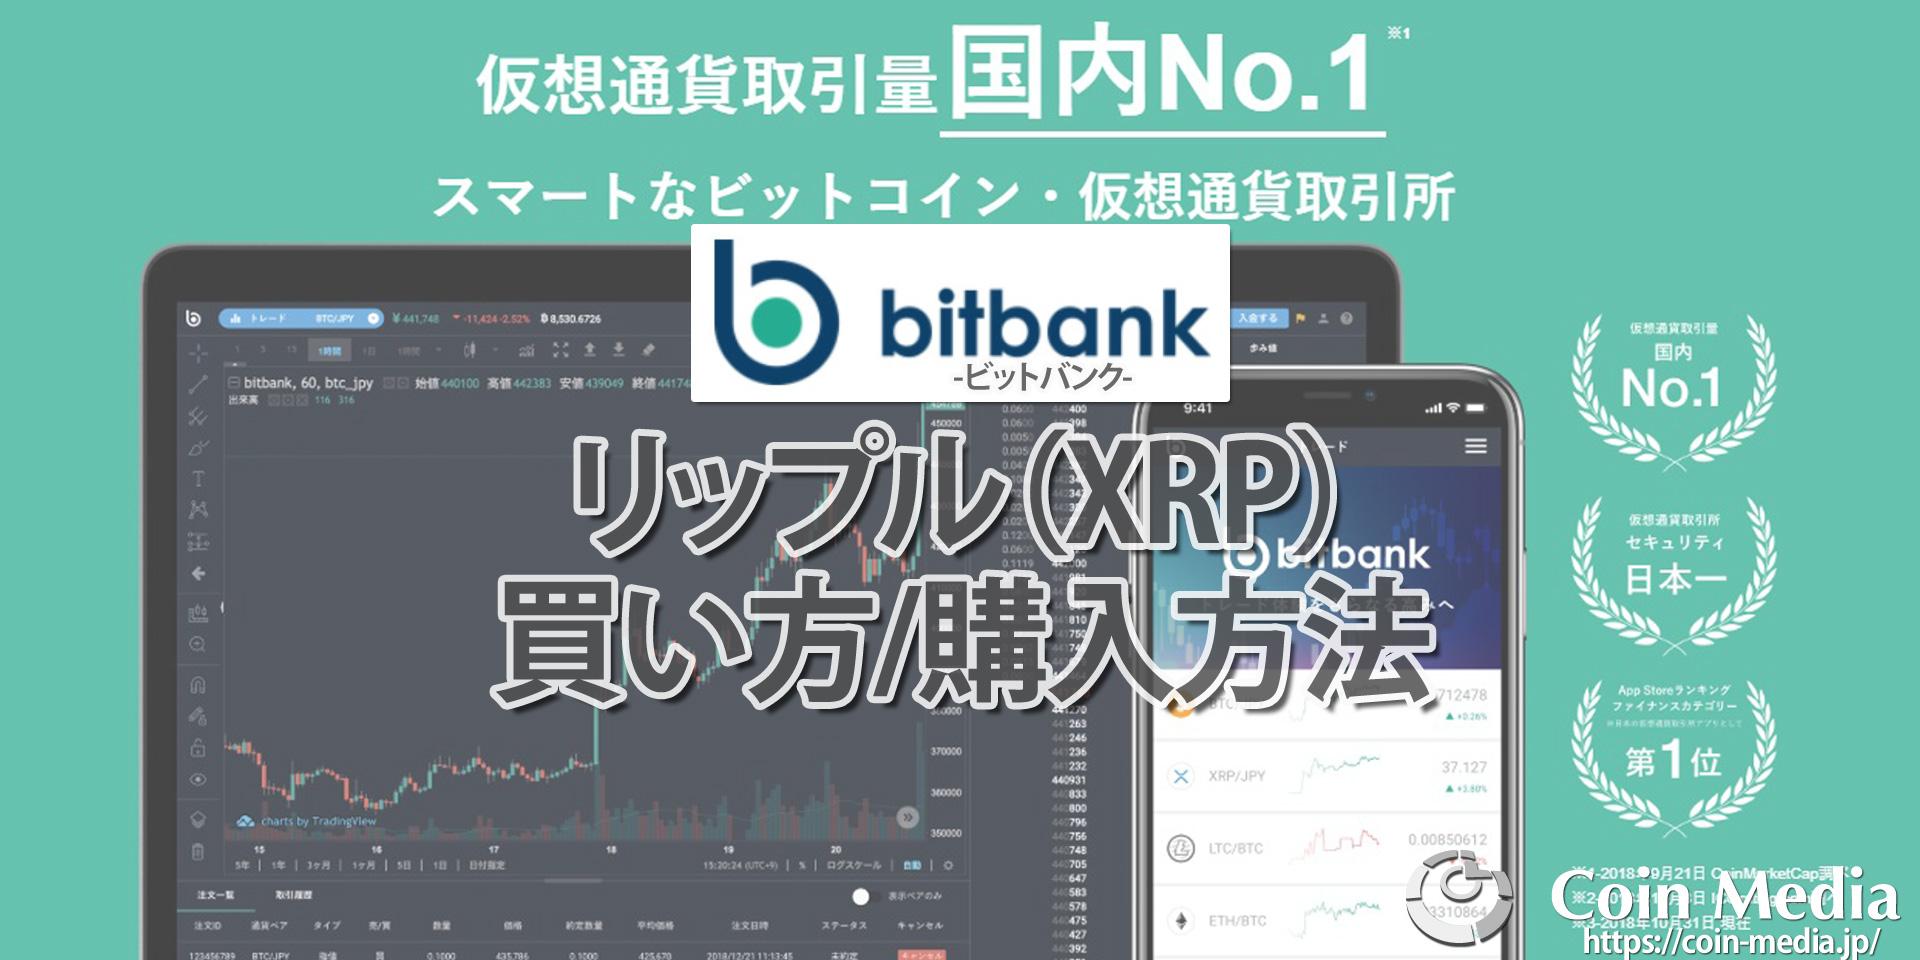 ビットバンク(bitbank)のリップル(XRP)の買い方、購入方法を徹底解説!